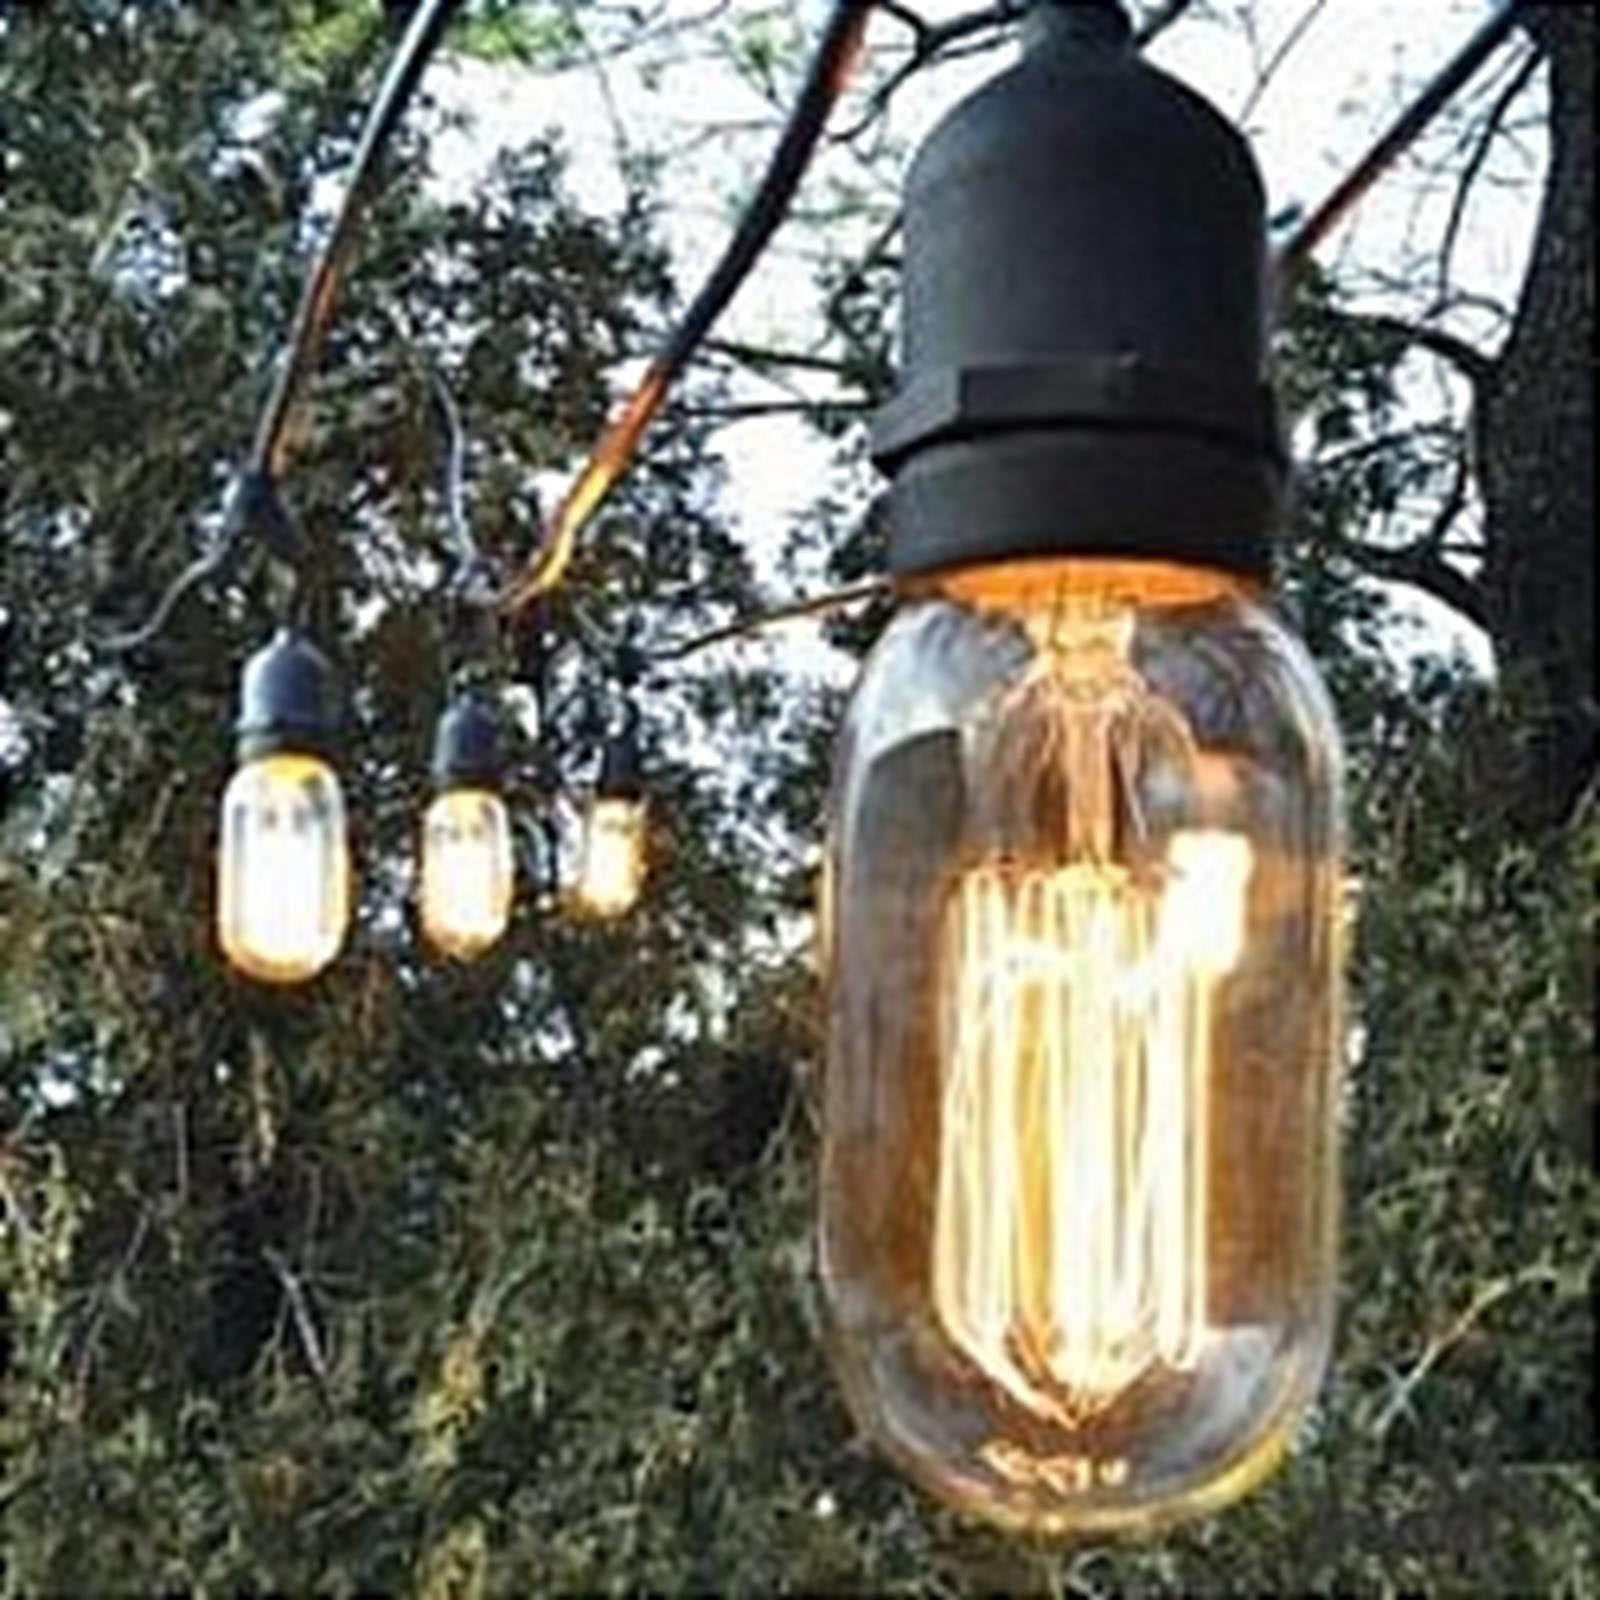 Outdoor Gazebo Solar Lights o